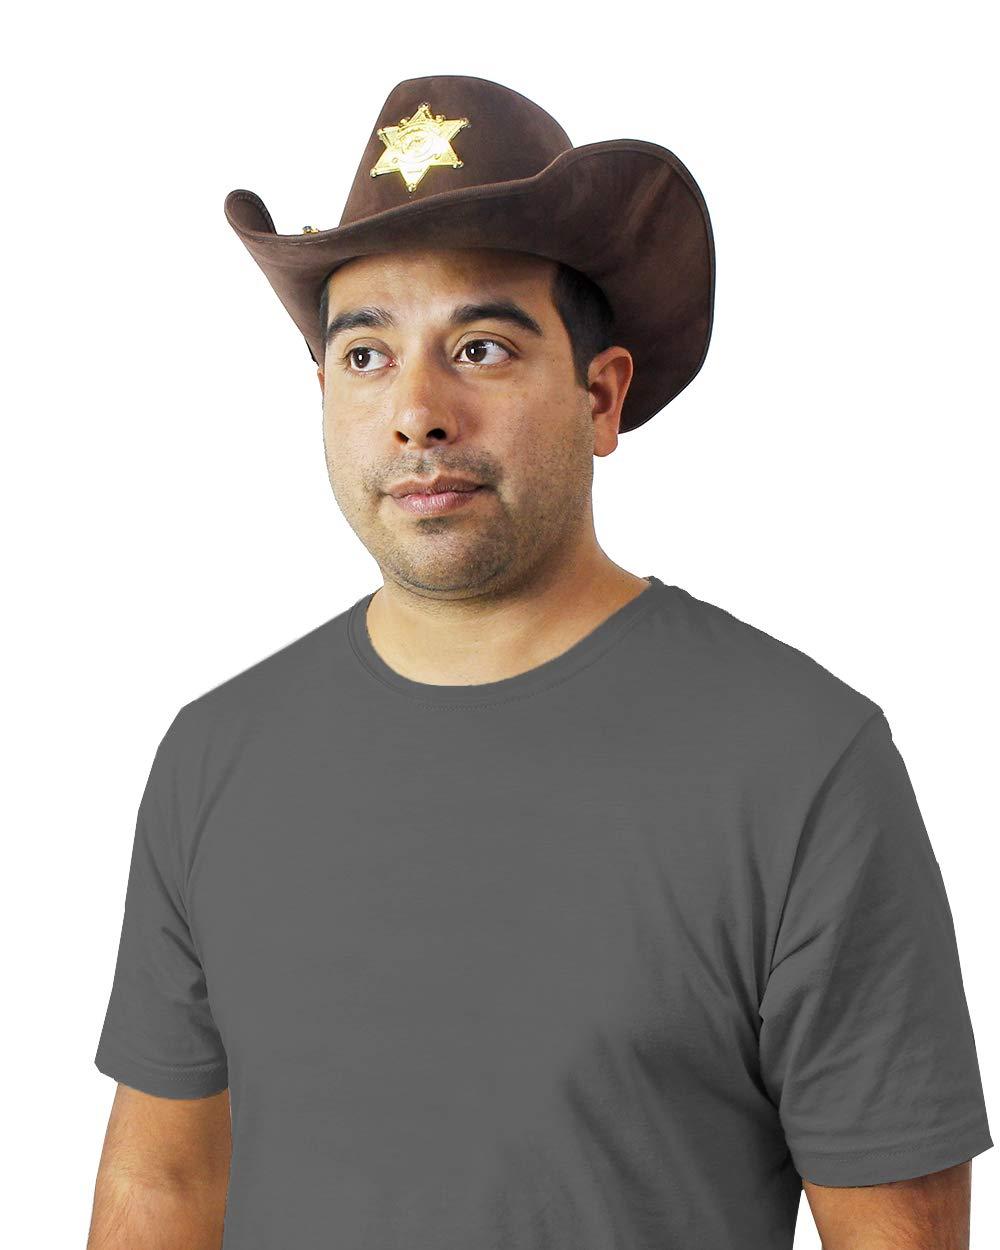 Disfraz de Fiesta con Trenza de Oro para Halloween Fiestas de Oficina Juvale Sombrero de Vaquero de Fieltro